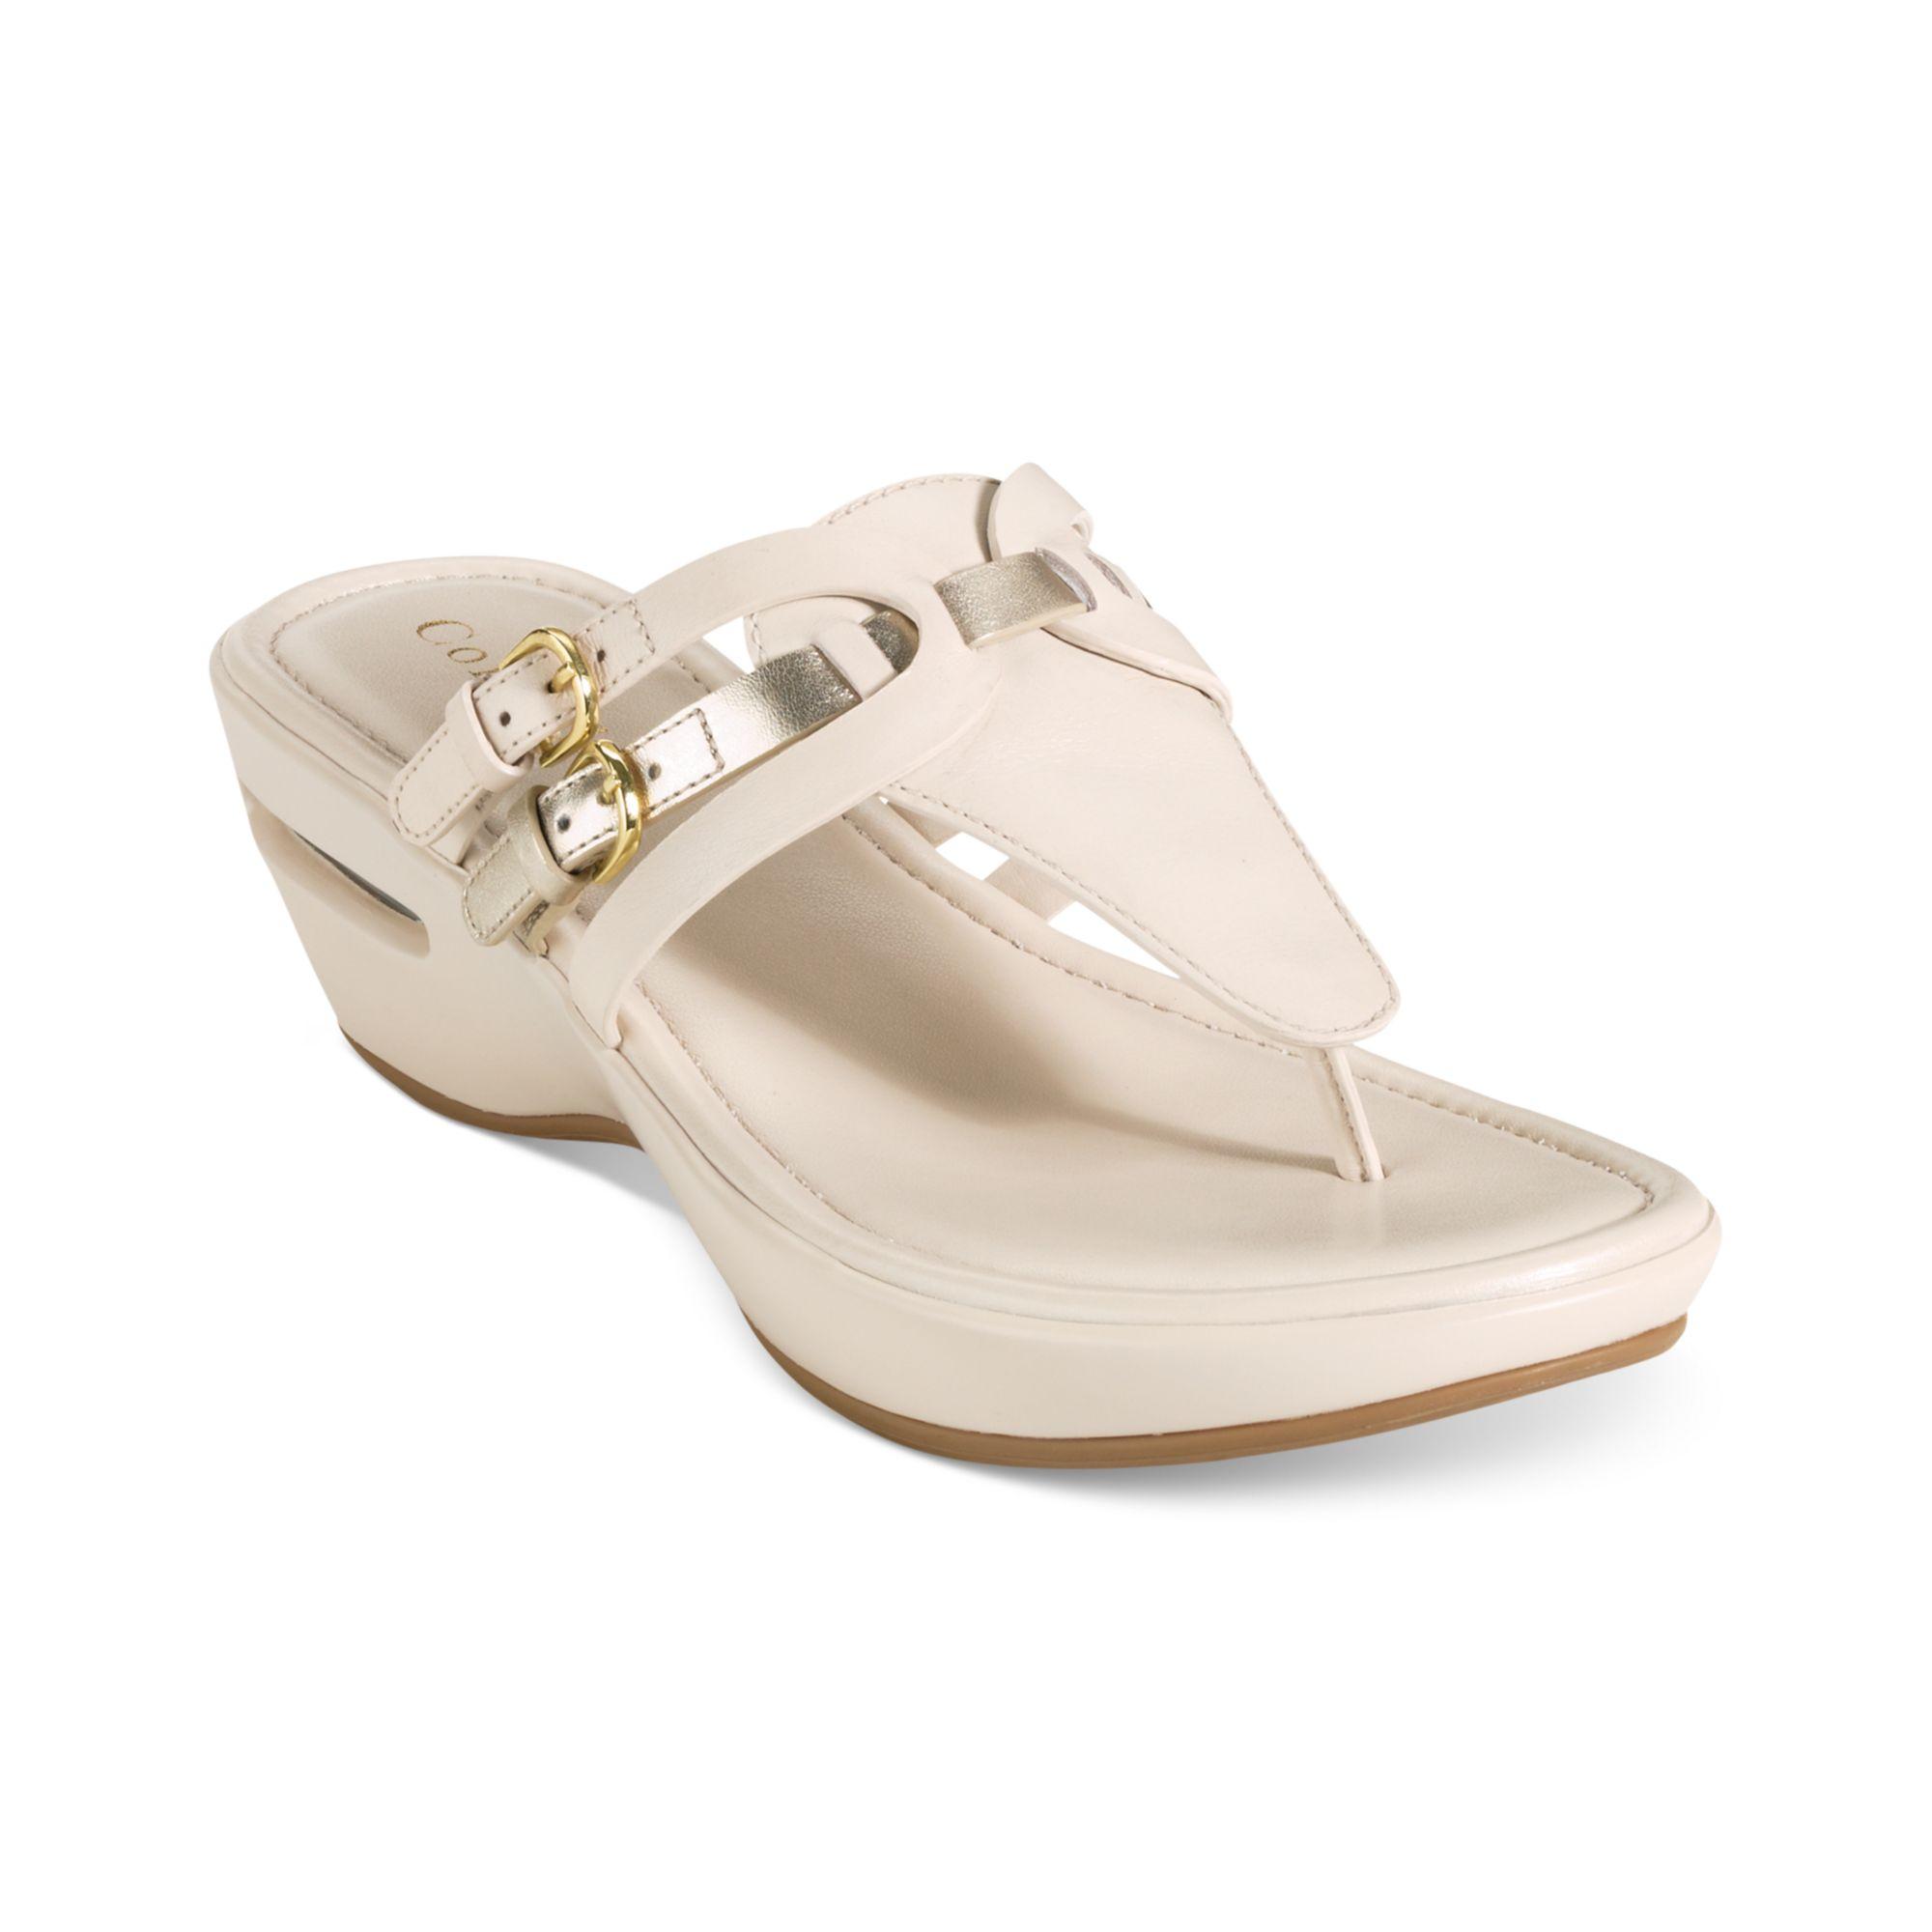 Creative Cole Haan Women S Ravenna Wedge Sandals Cole Haan Women